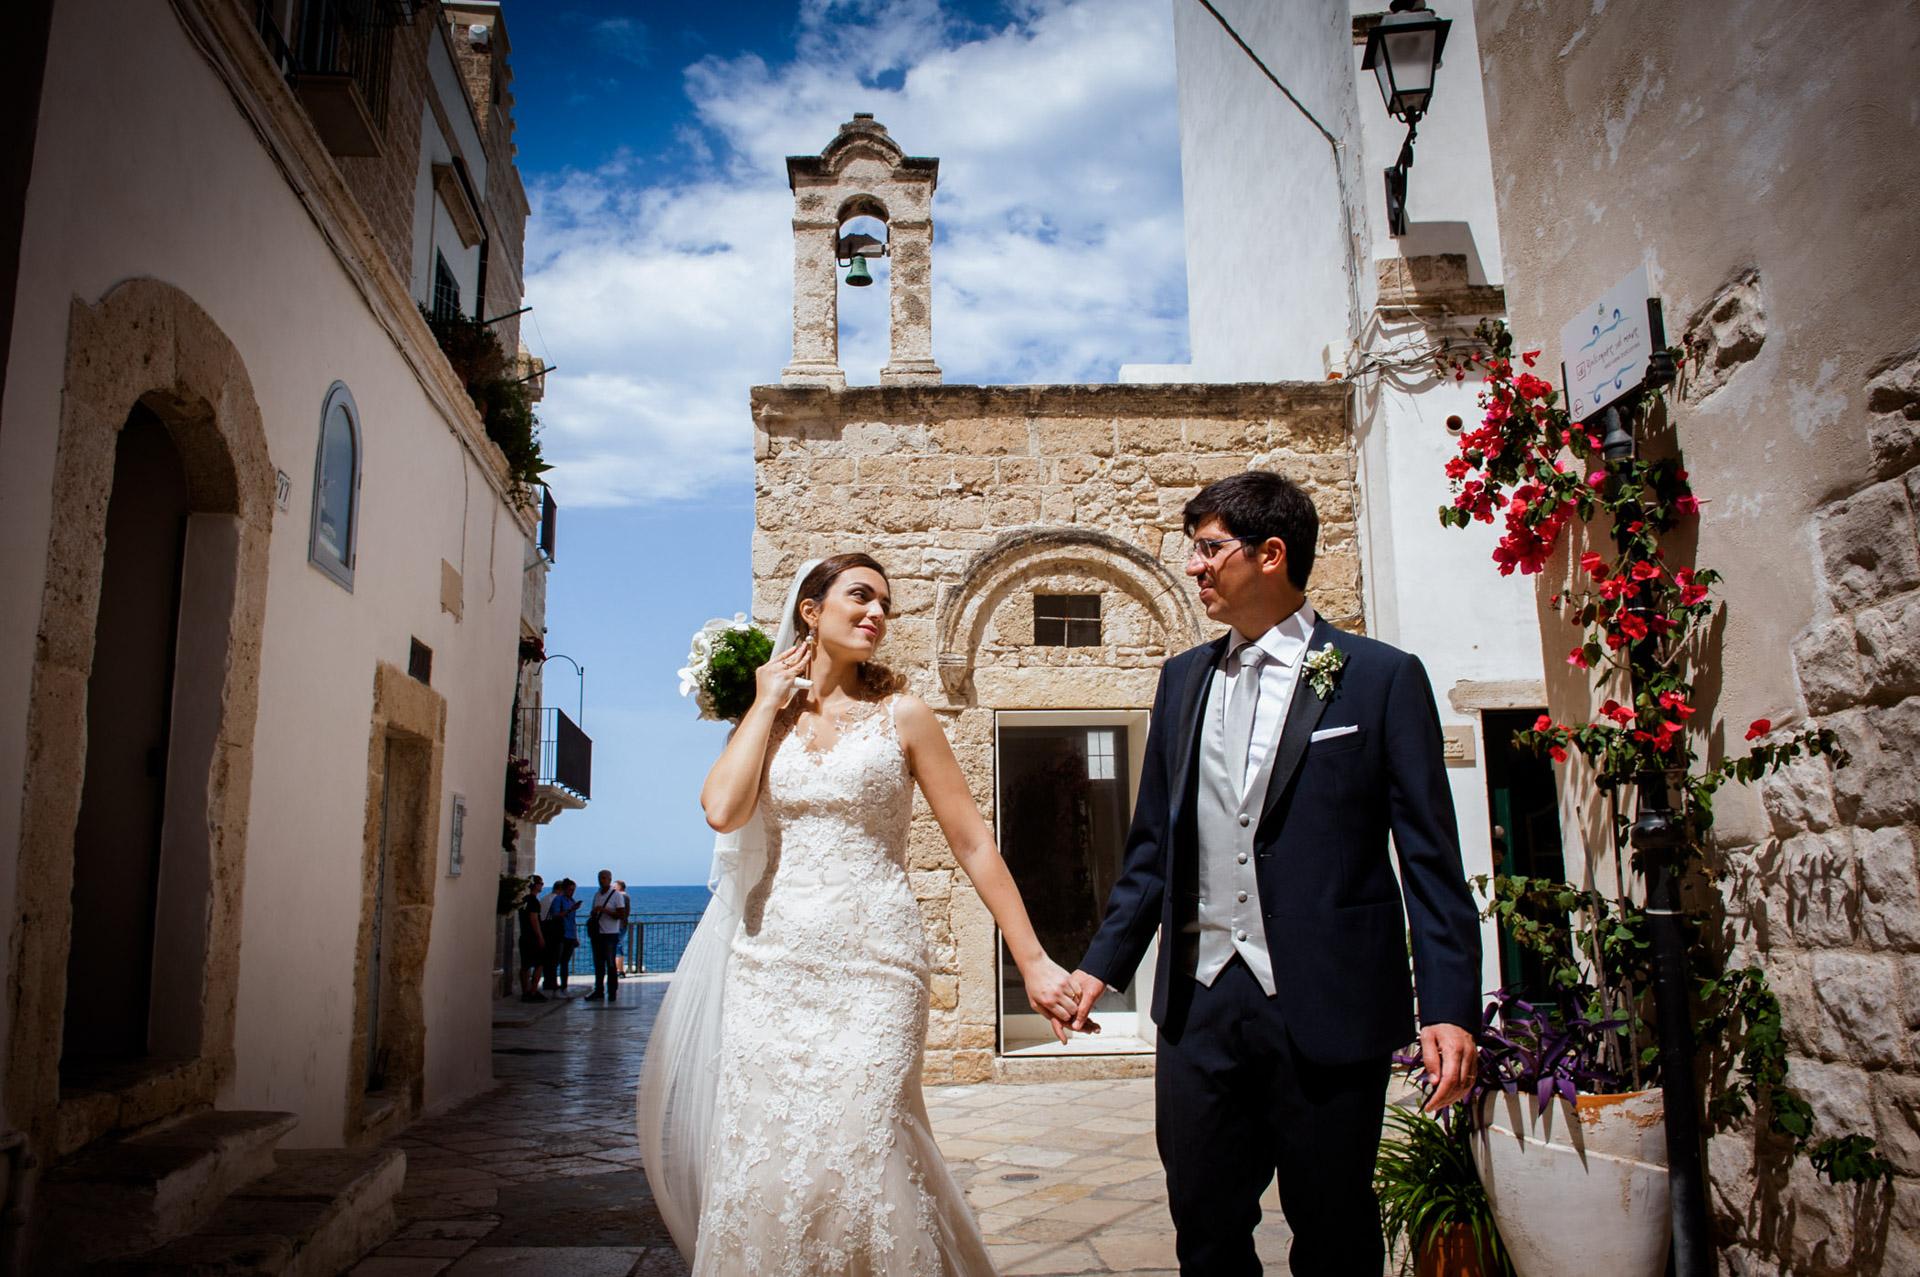 потом итальянские свадьбы фото связи невозможностью полного